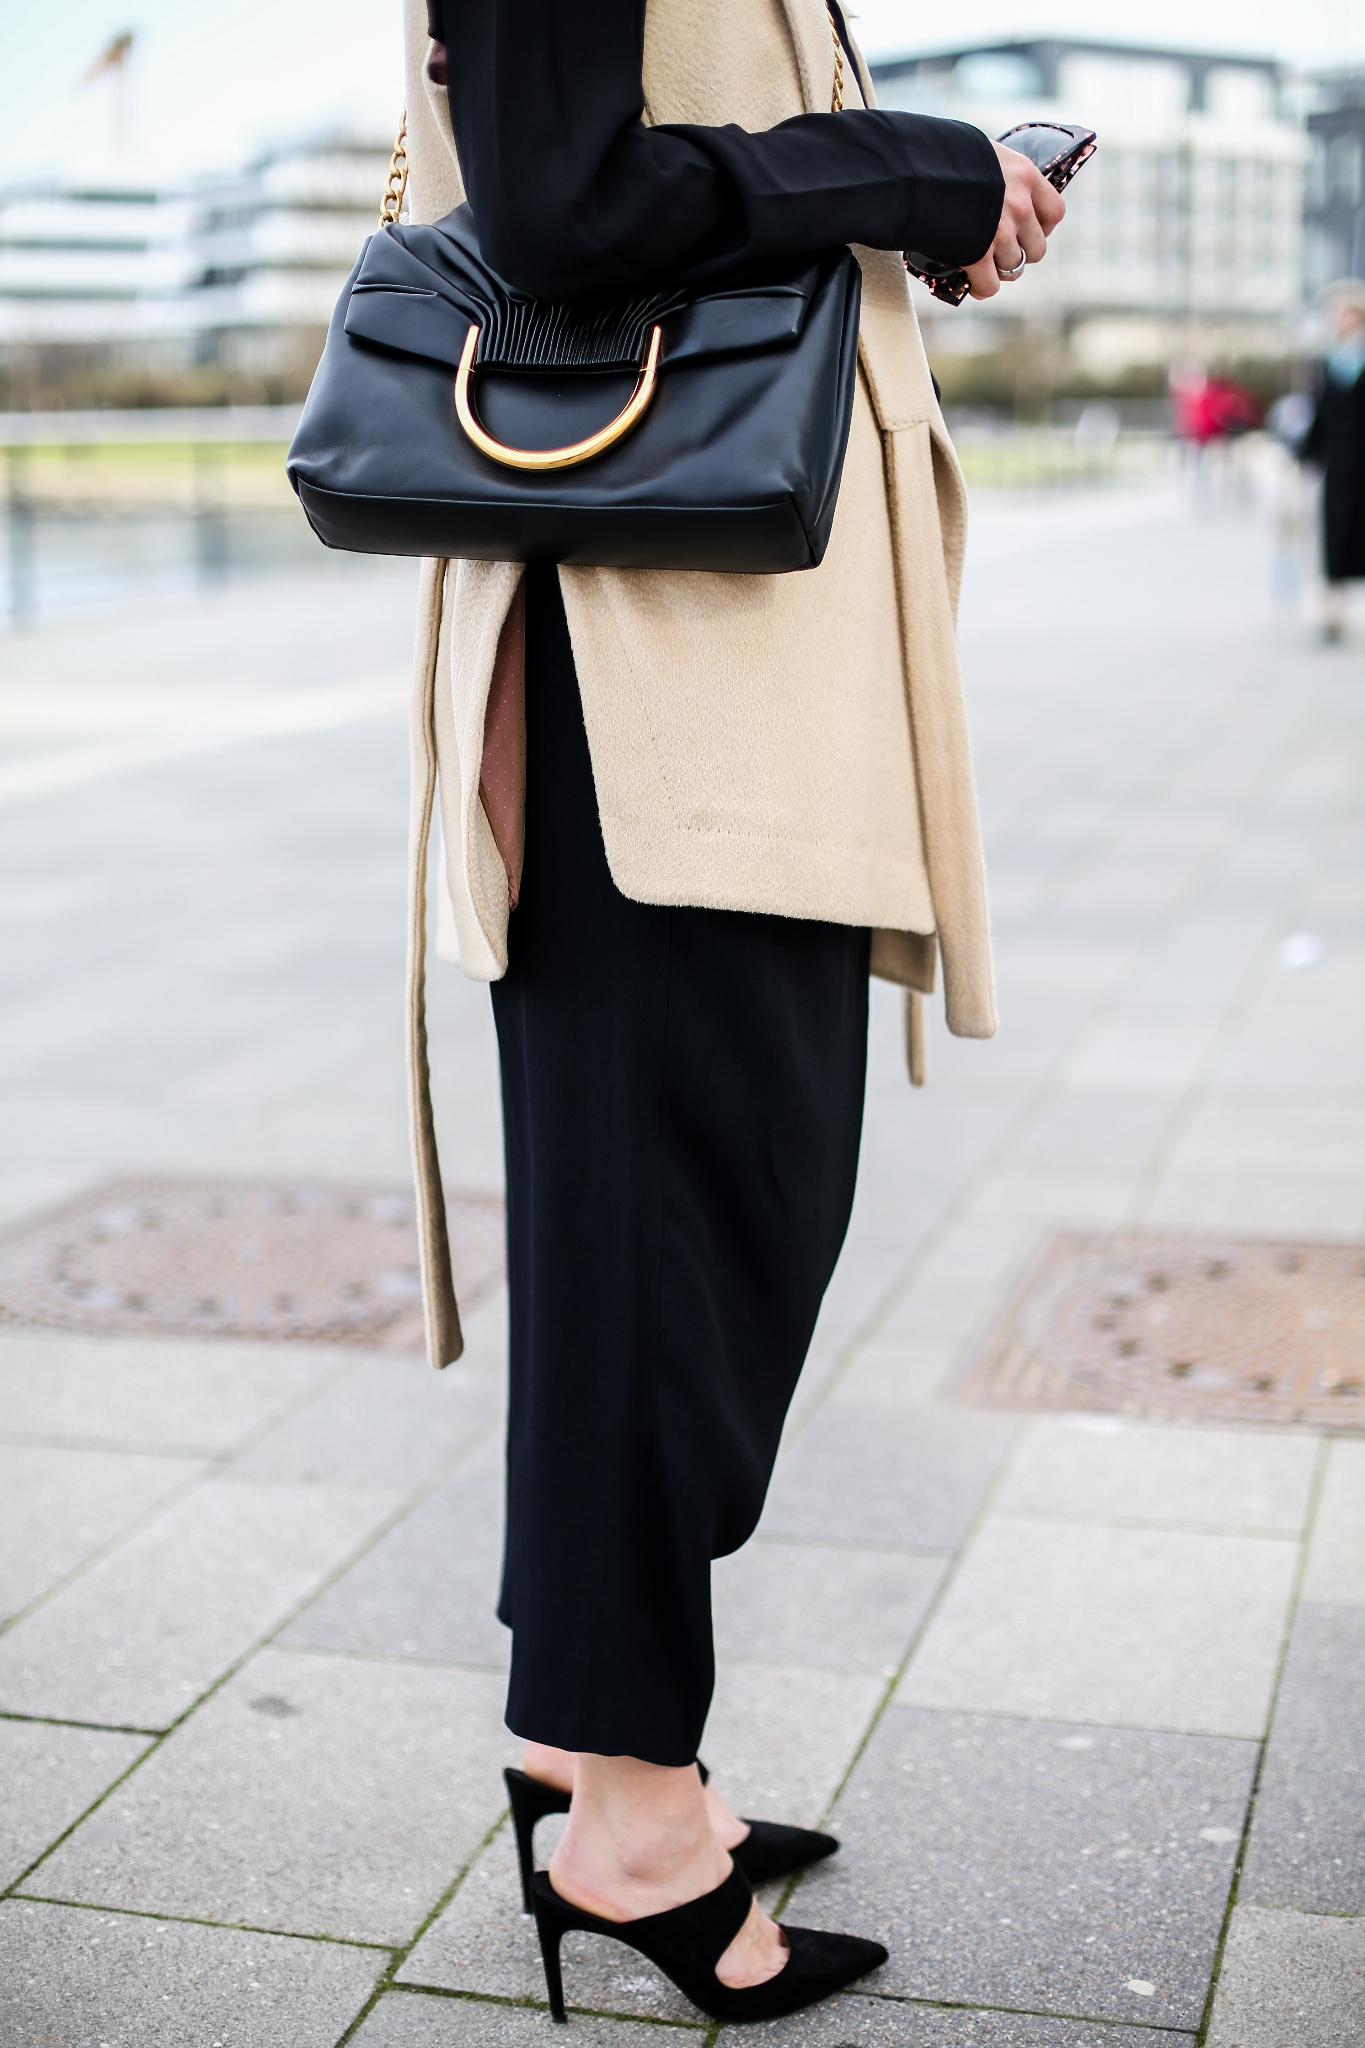 MOD-by-Monique-Fashion-Looks-Kimono-Style-11